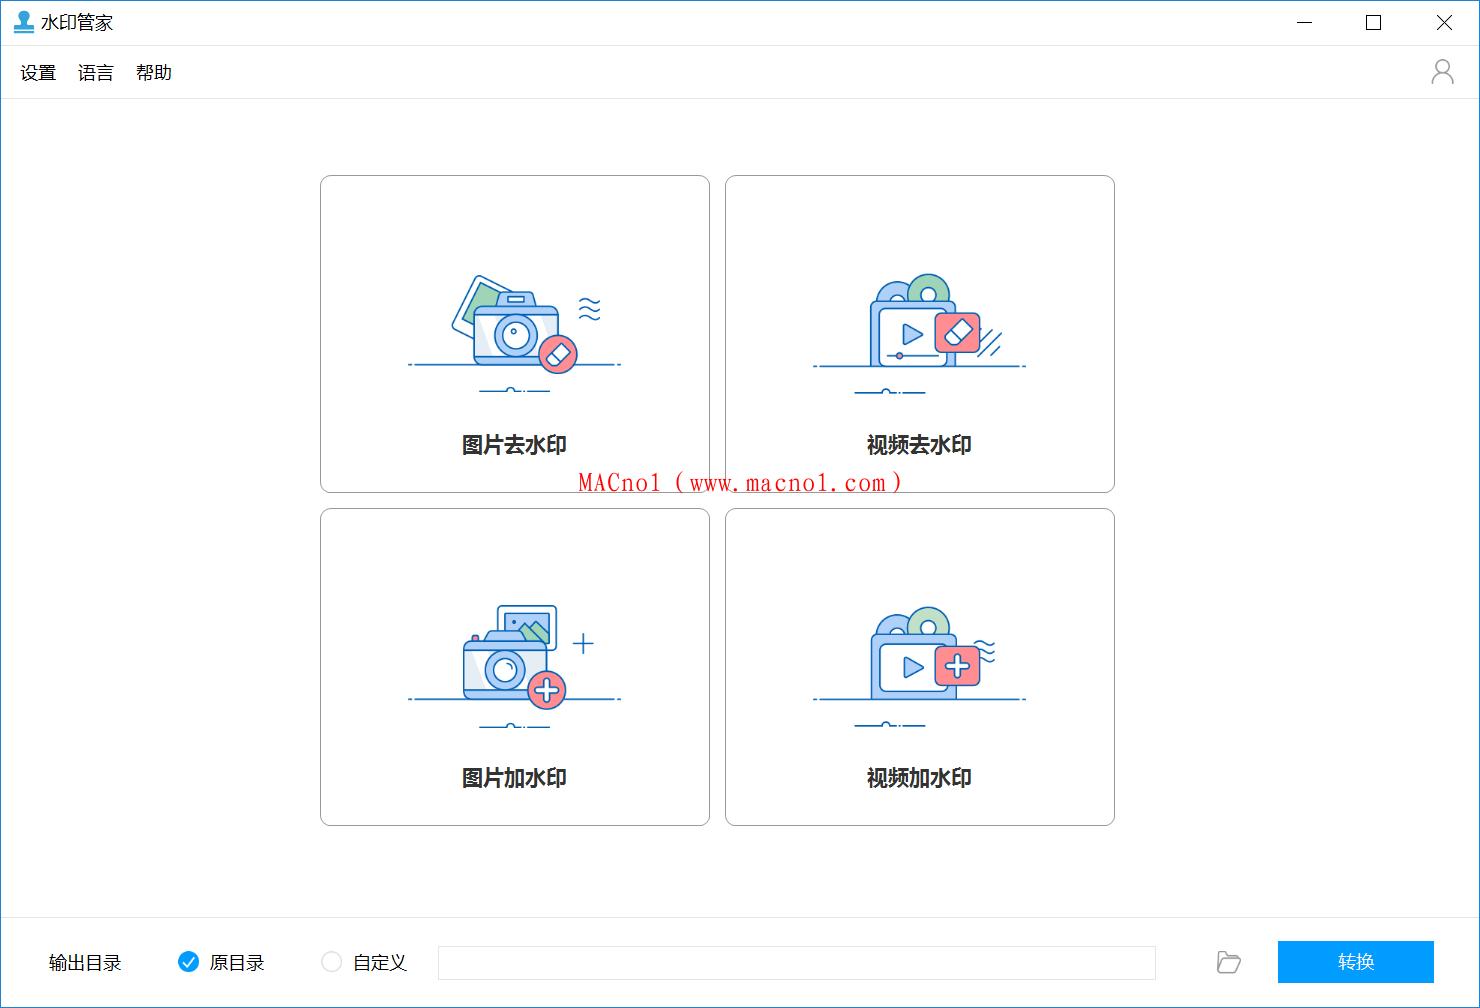 水印管理软件 傲软水印管家 v1.4.12 中文破解版(免激活码)